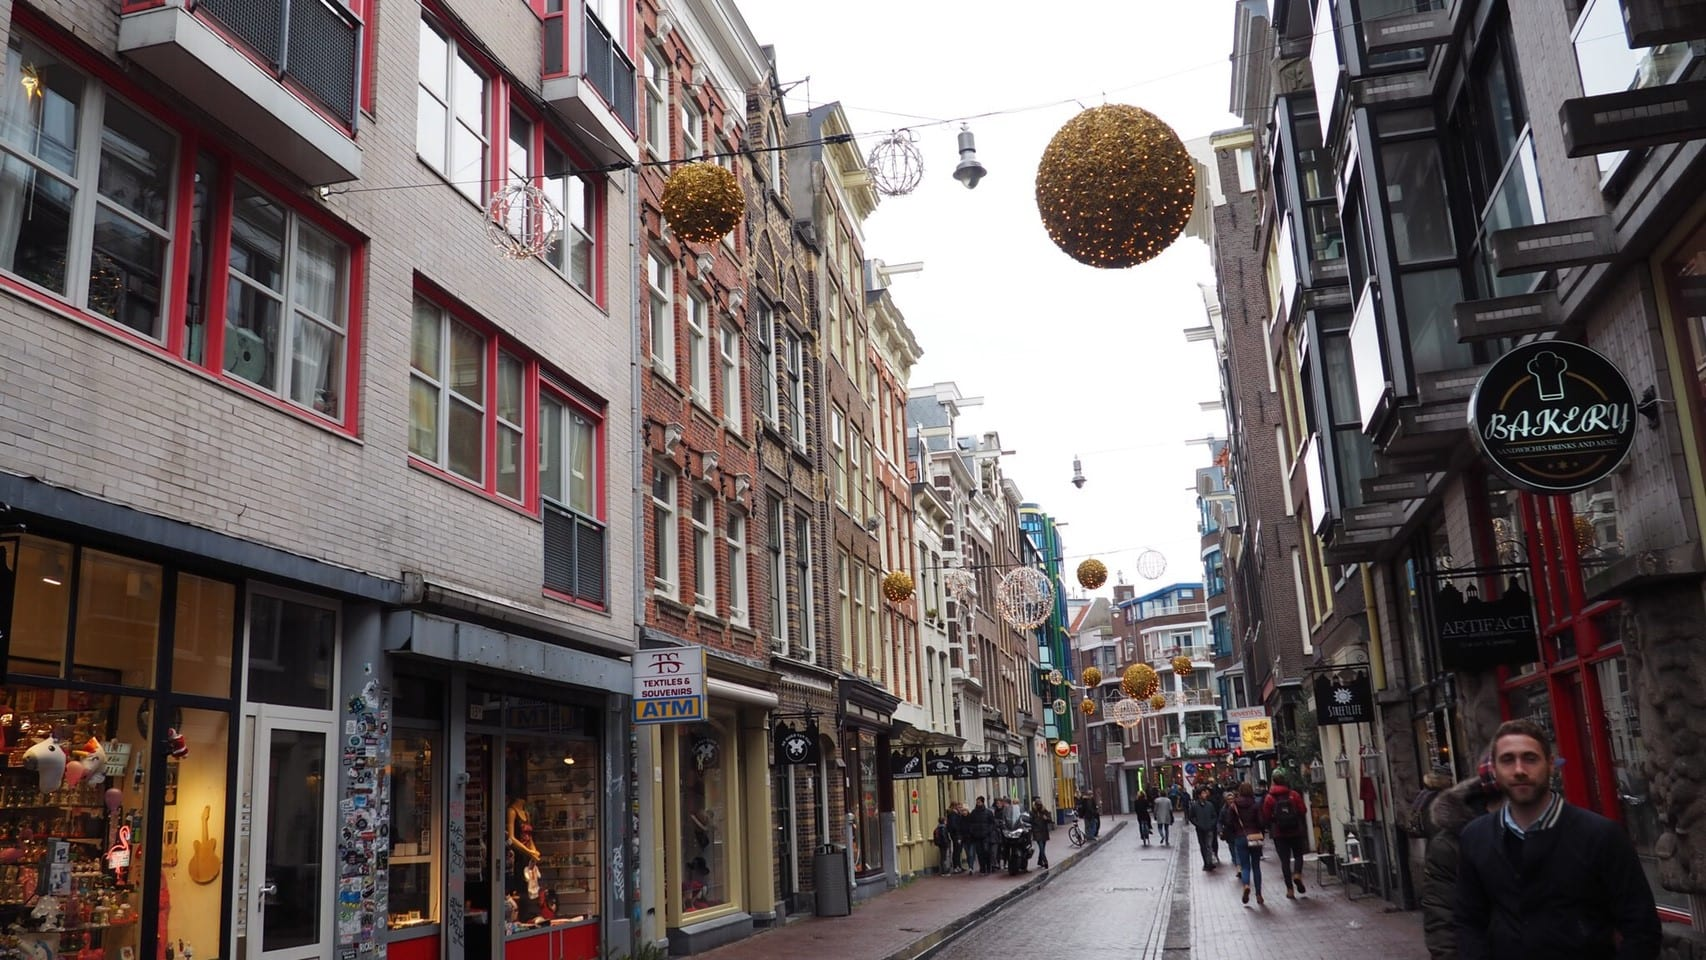 เที่ยวอัมสเตอร์ดัม อัมสเตอร์ดัม สถานที่ท่องเที่ยวต่างประเทศ ประเทศเนเธอร์แลนด์